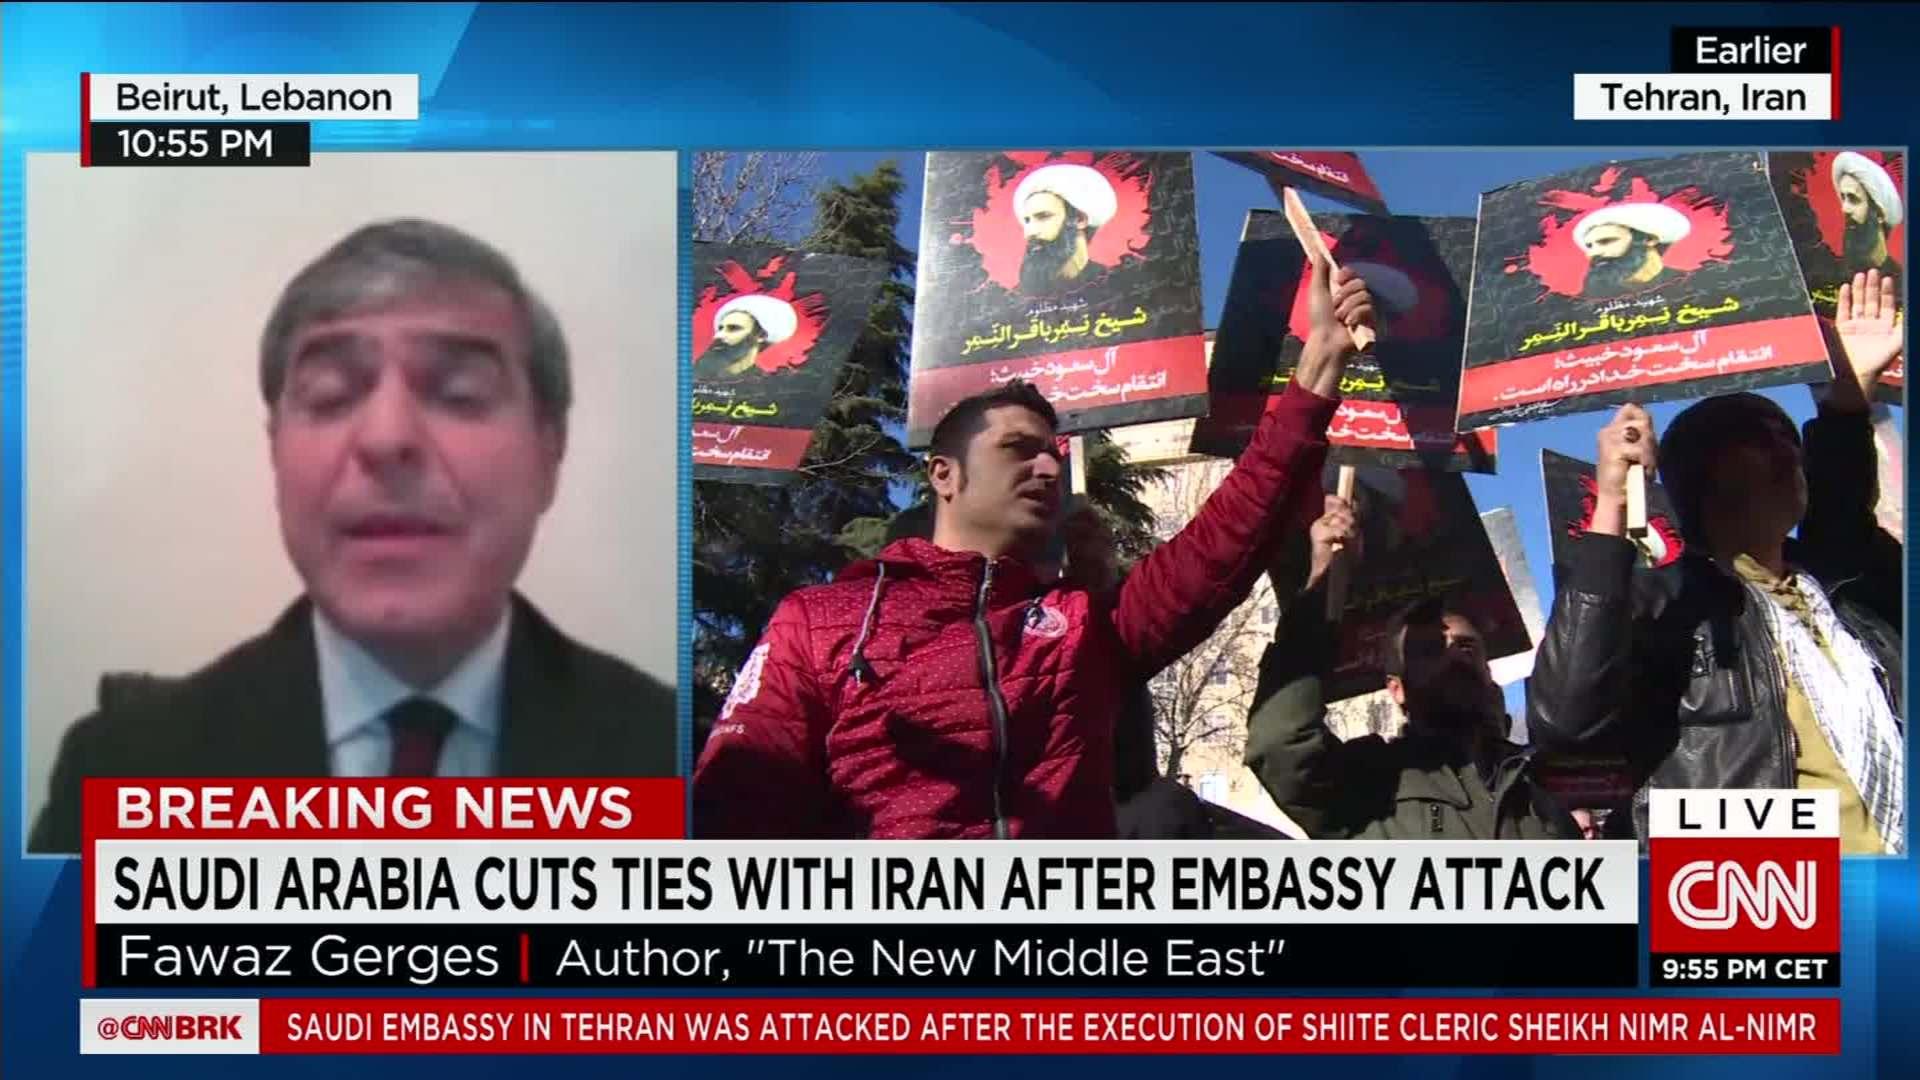 Saudi Arabia cuts ties with Iran - CNN Video